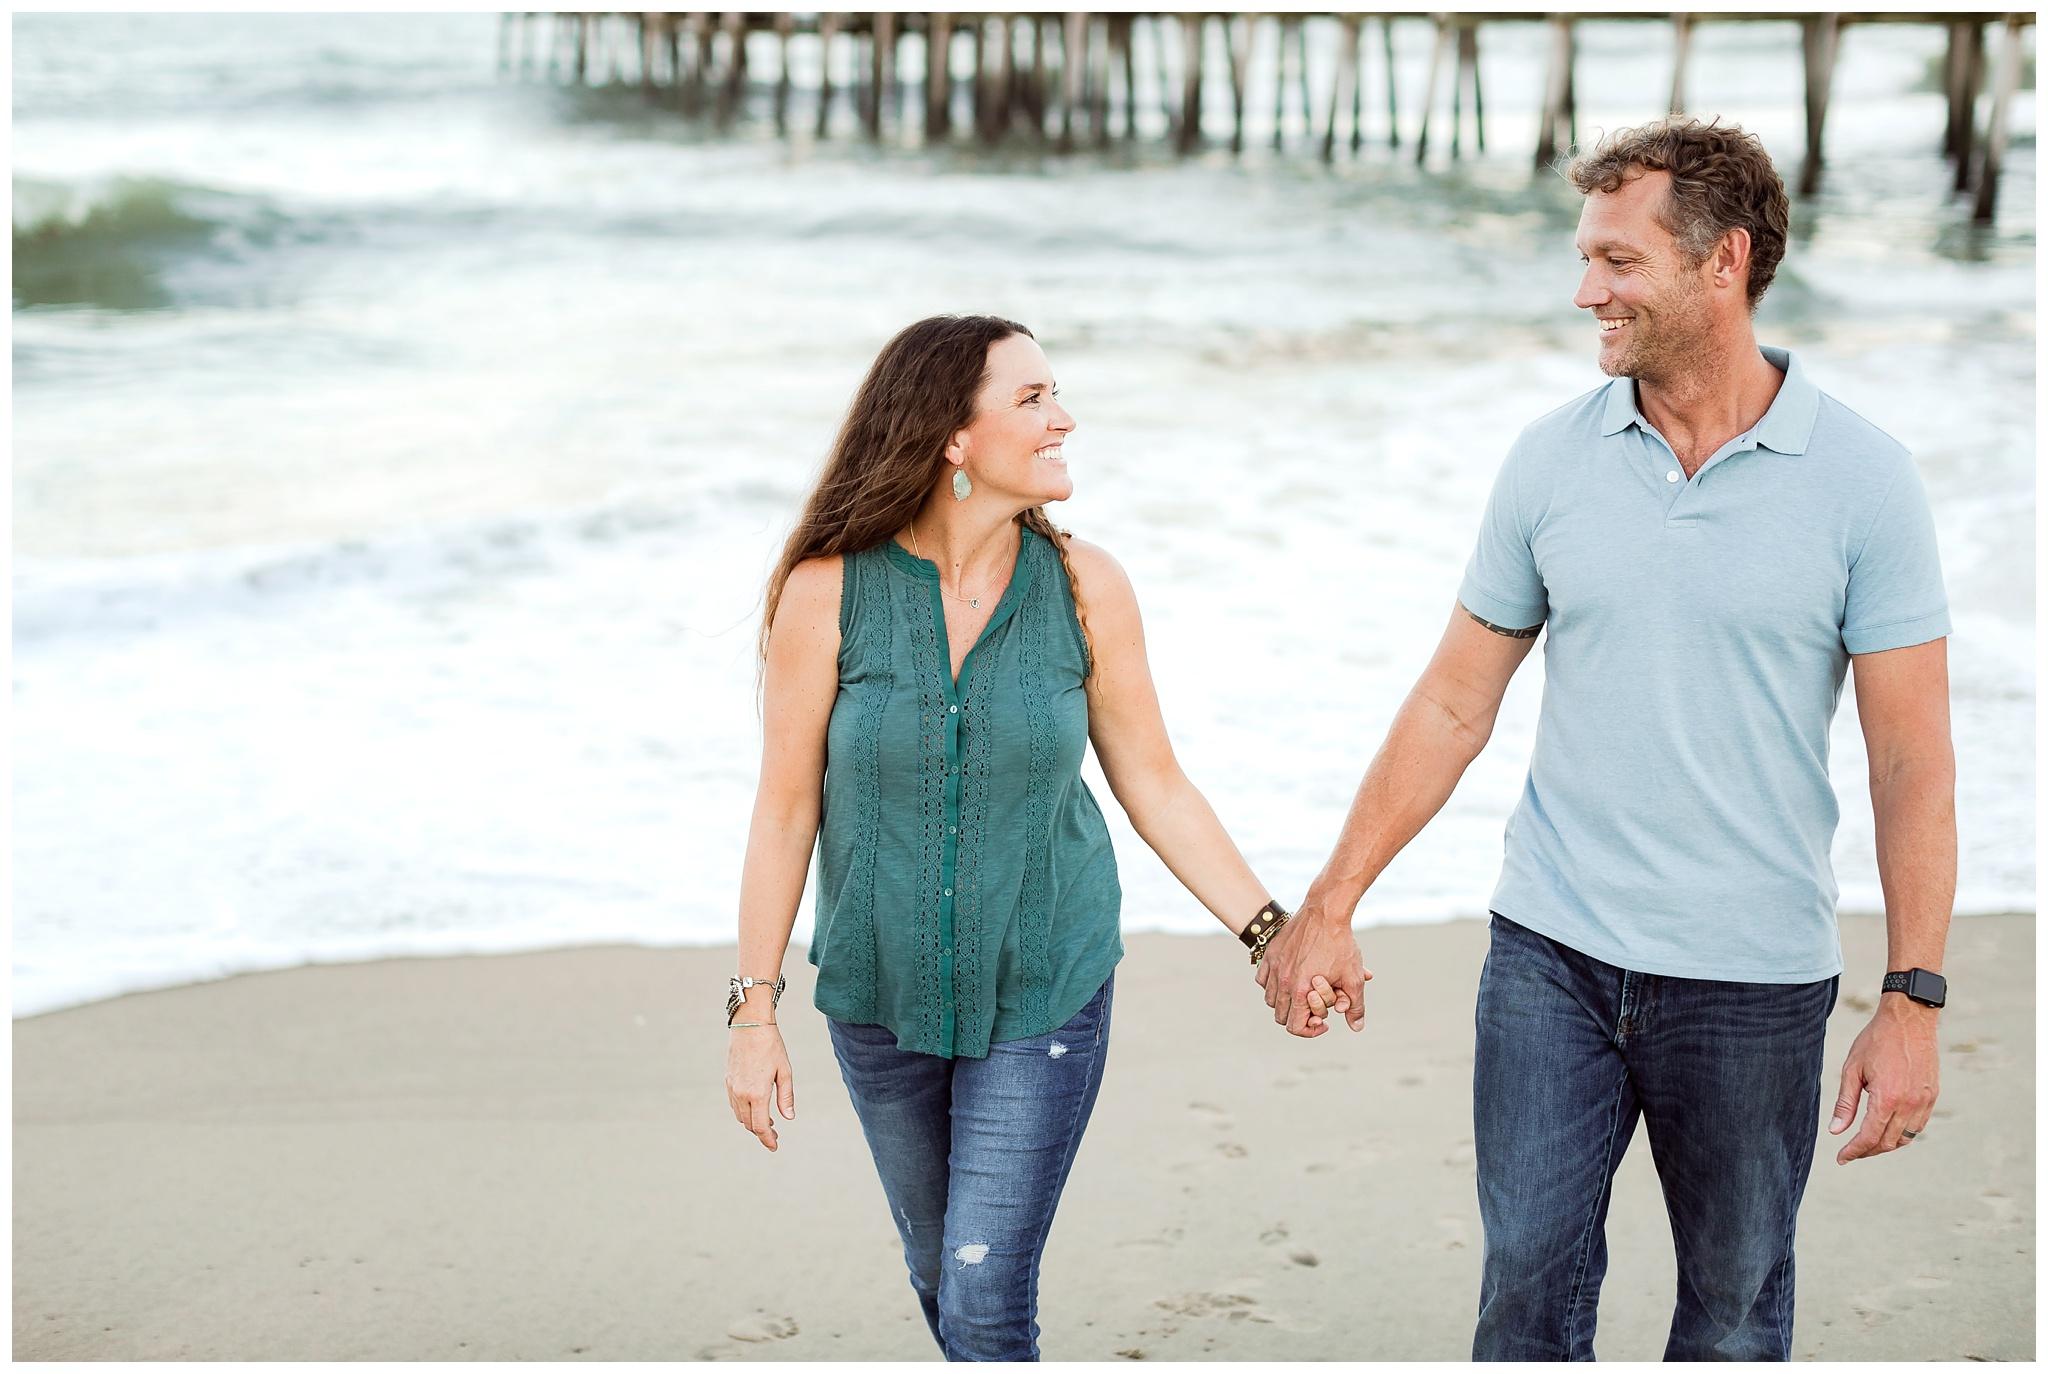 Virginia-Beach-family-photographer_0048.jpg